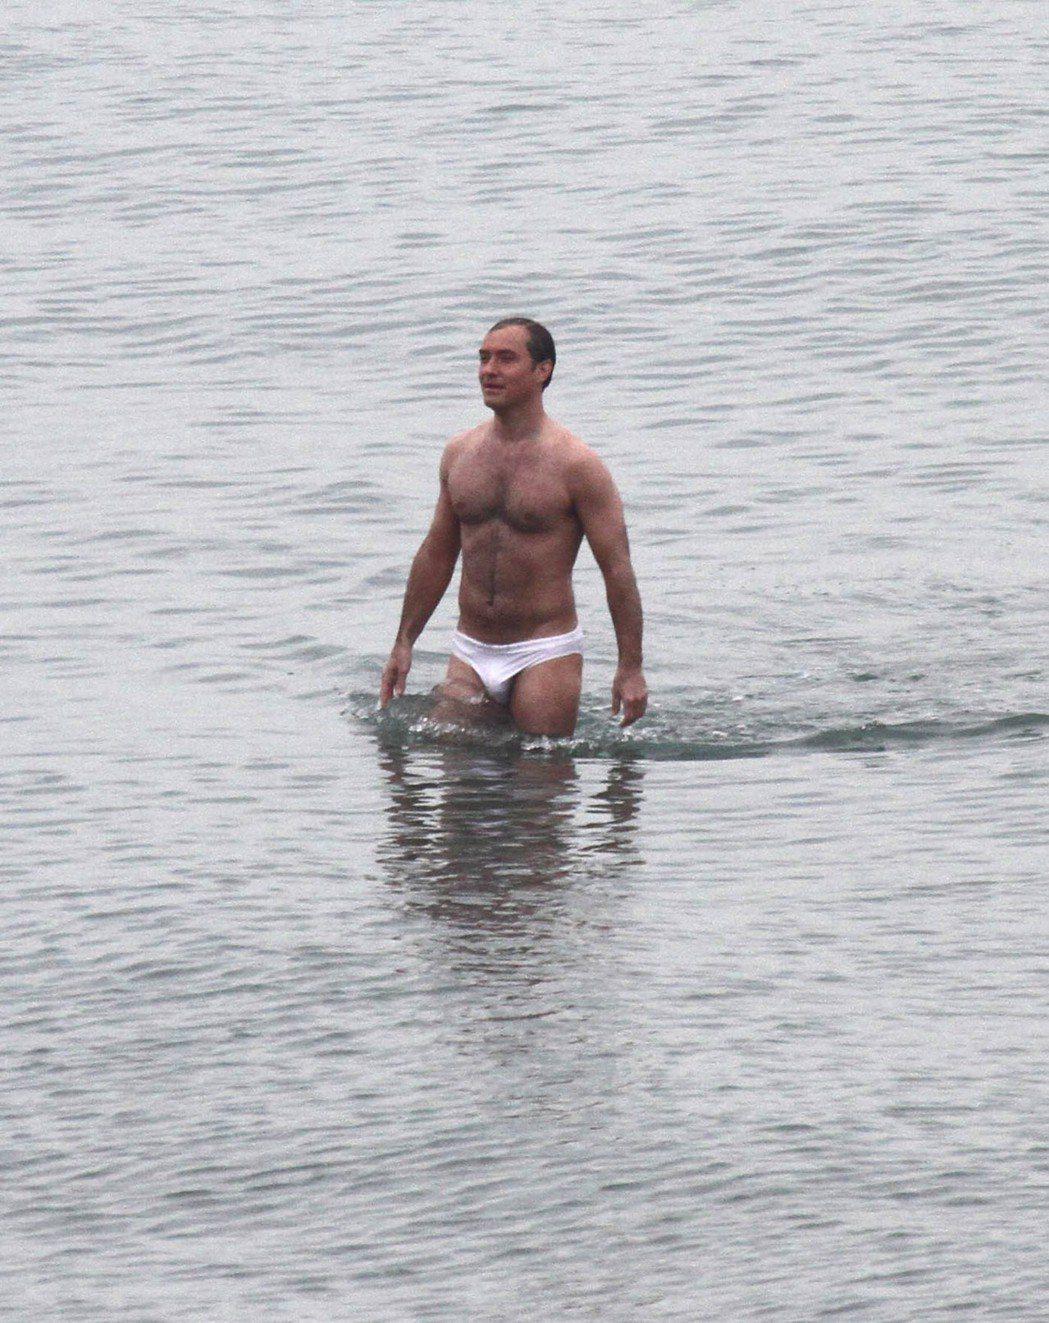 裘德洛拍攝新影展展露健壯體格,被讚保養好,不像年紀快50歲。圖/達志影像